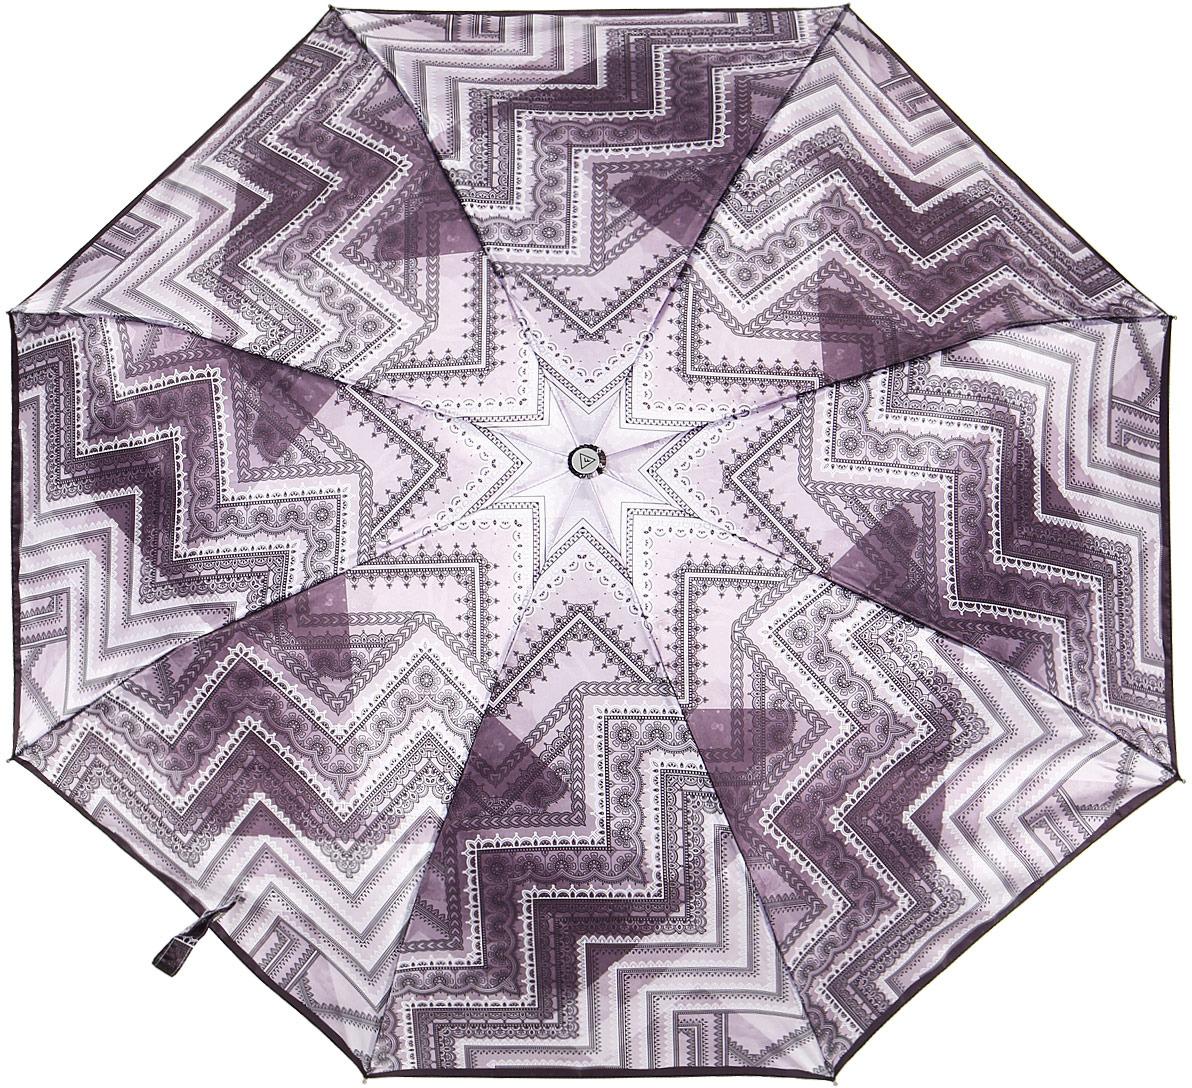 Зонт женский Fabretti, суперавтомат, 3 сложения, цвет: фиолетовый. L-18117-5 недорго, оригинальная цена